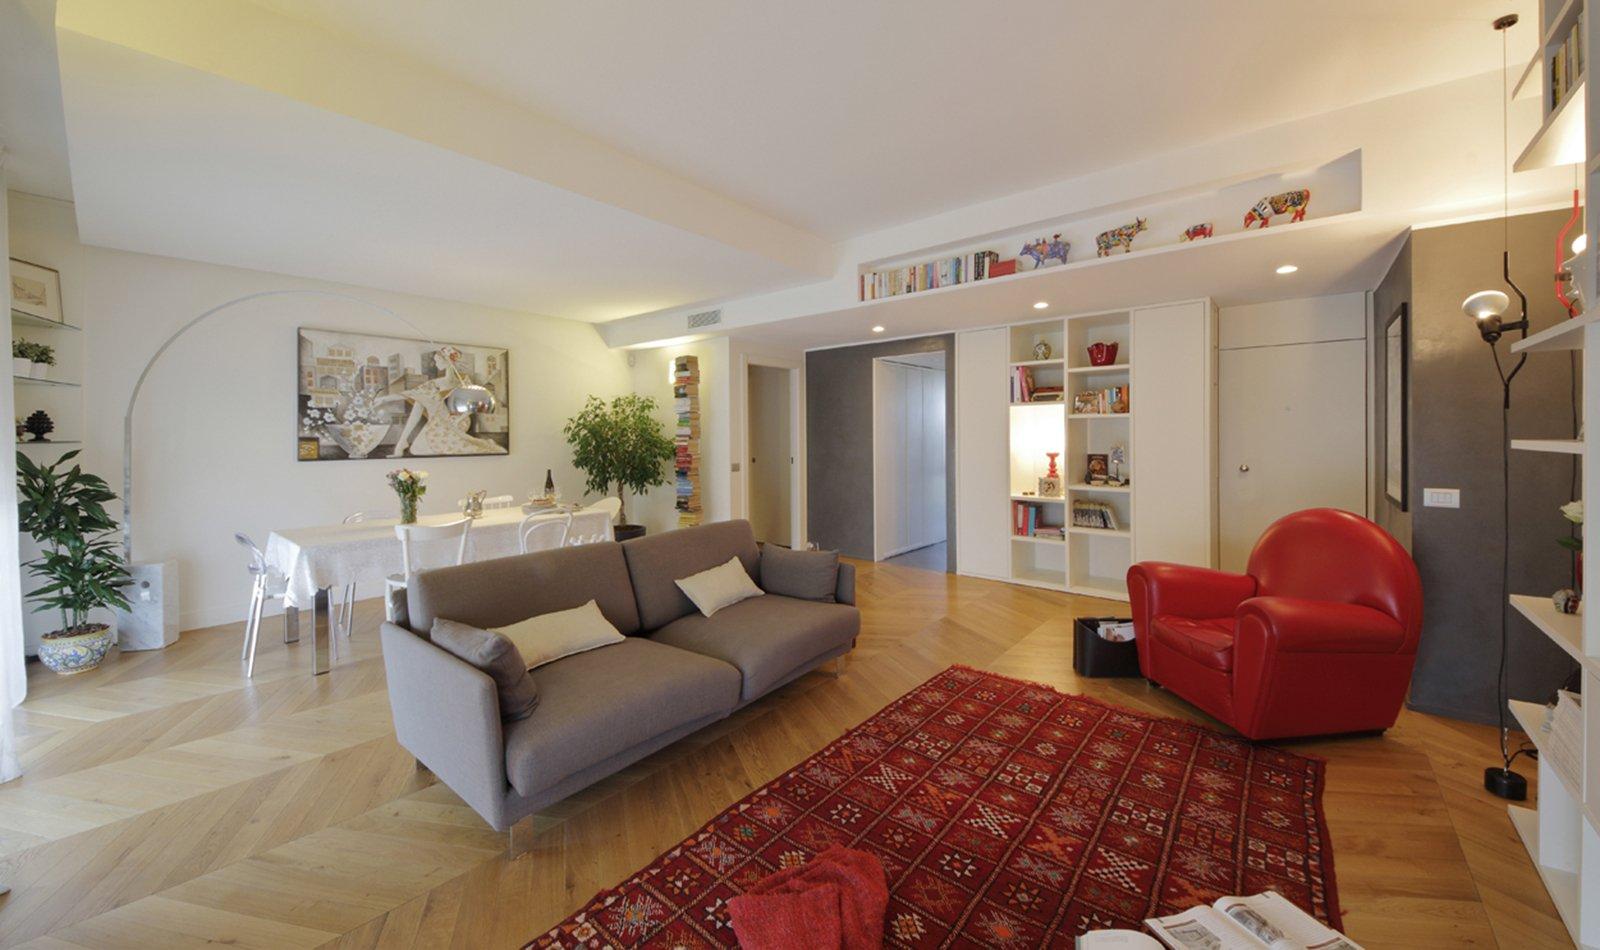 130 mq soggiorno doppio e cucina separata per la casa con - Cucina doppio angolo ...